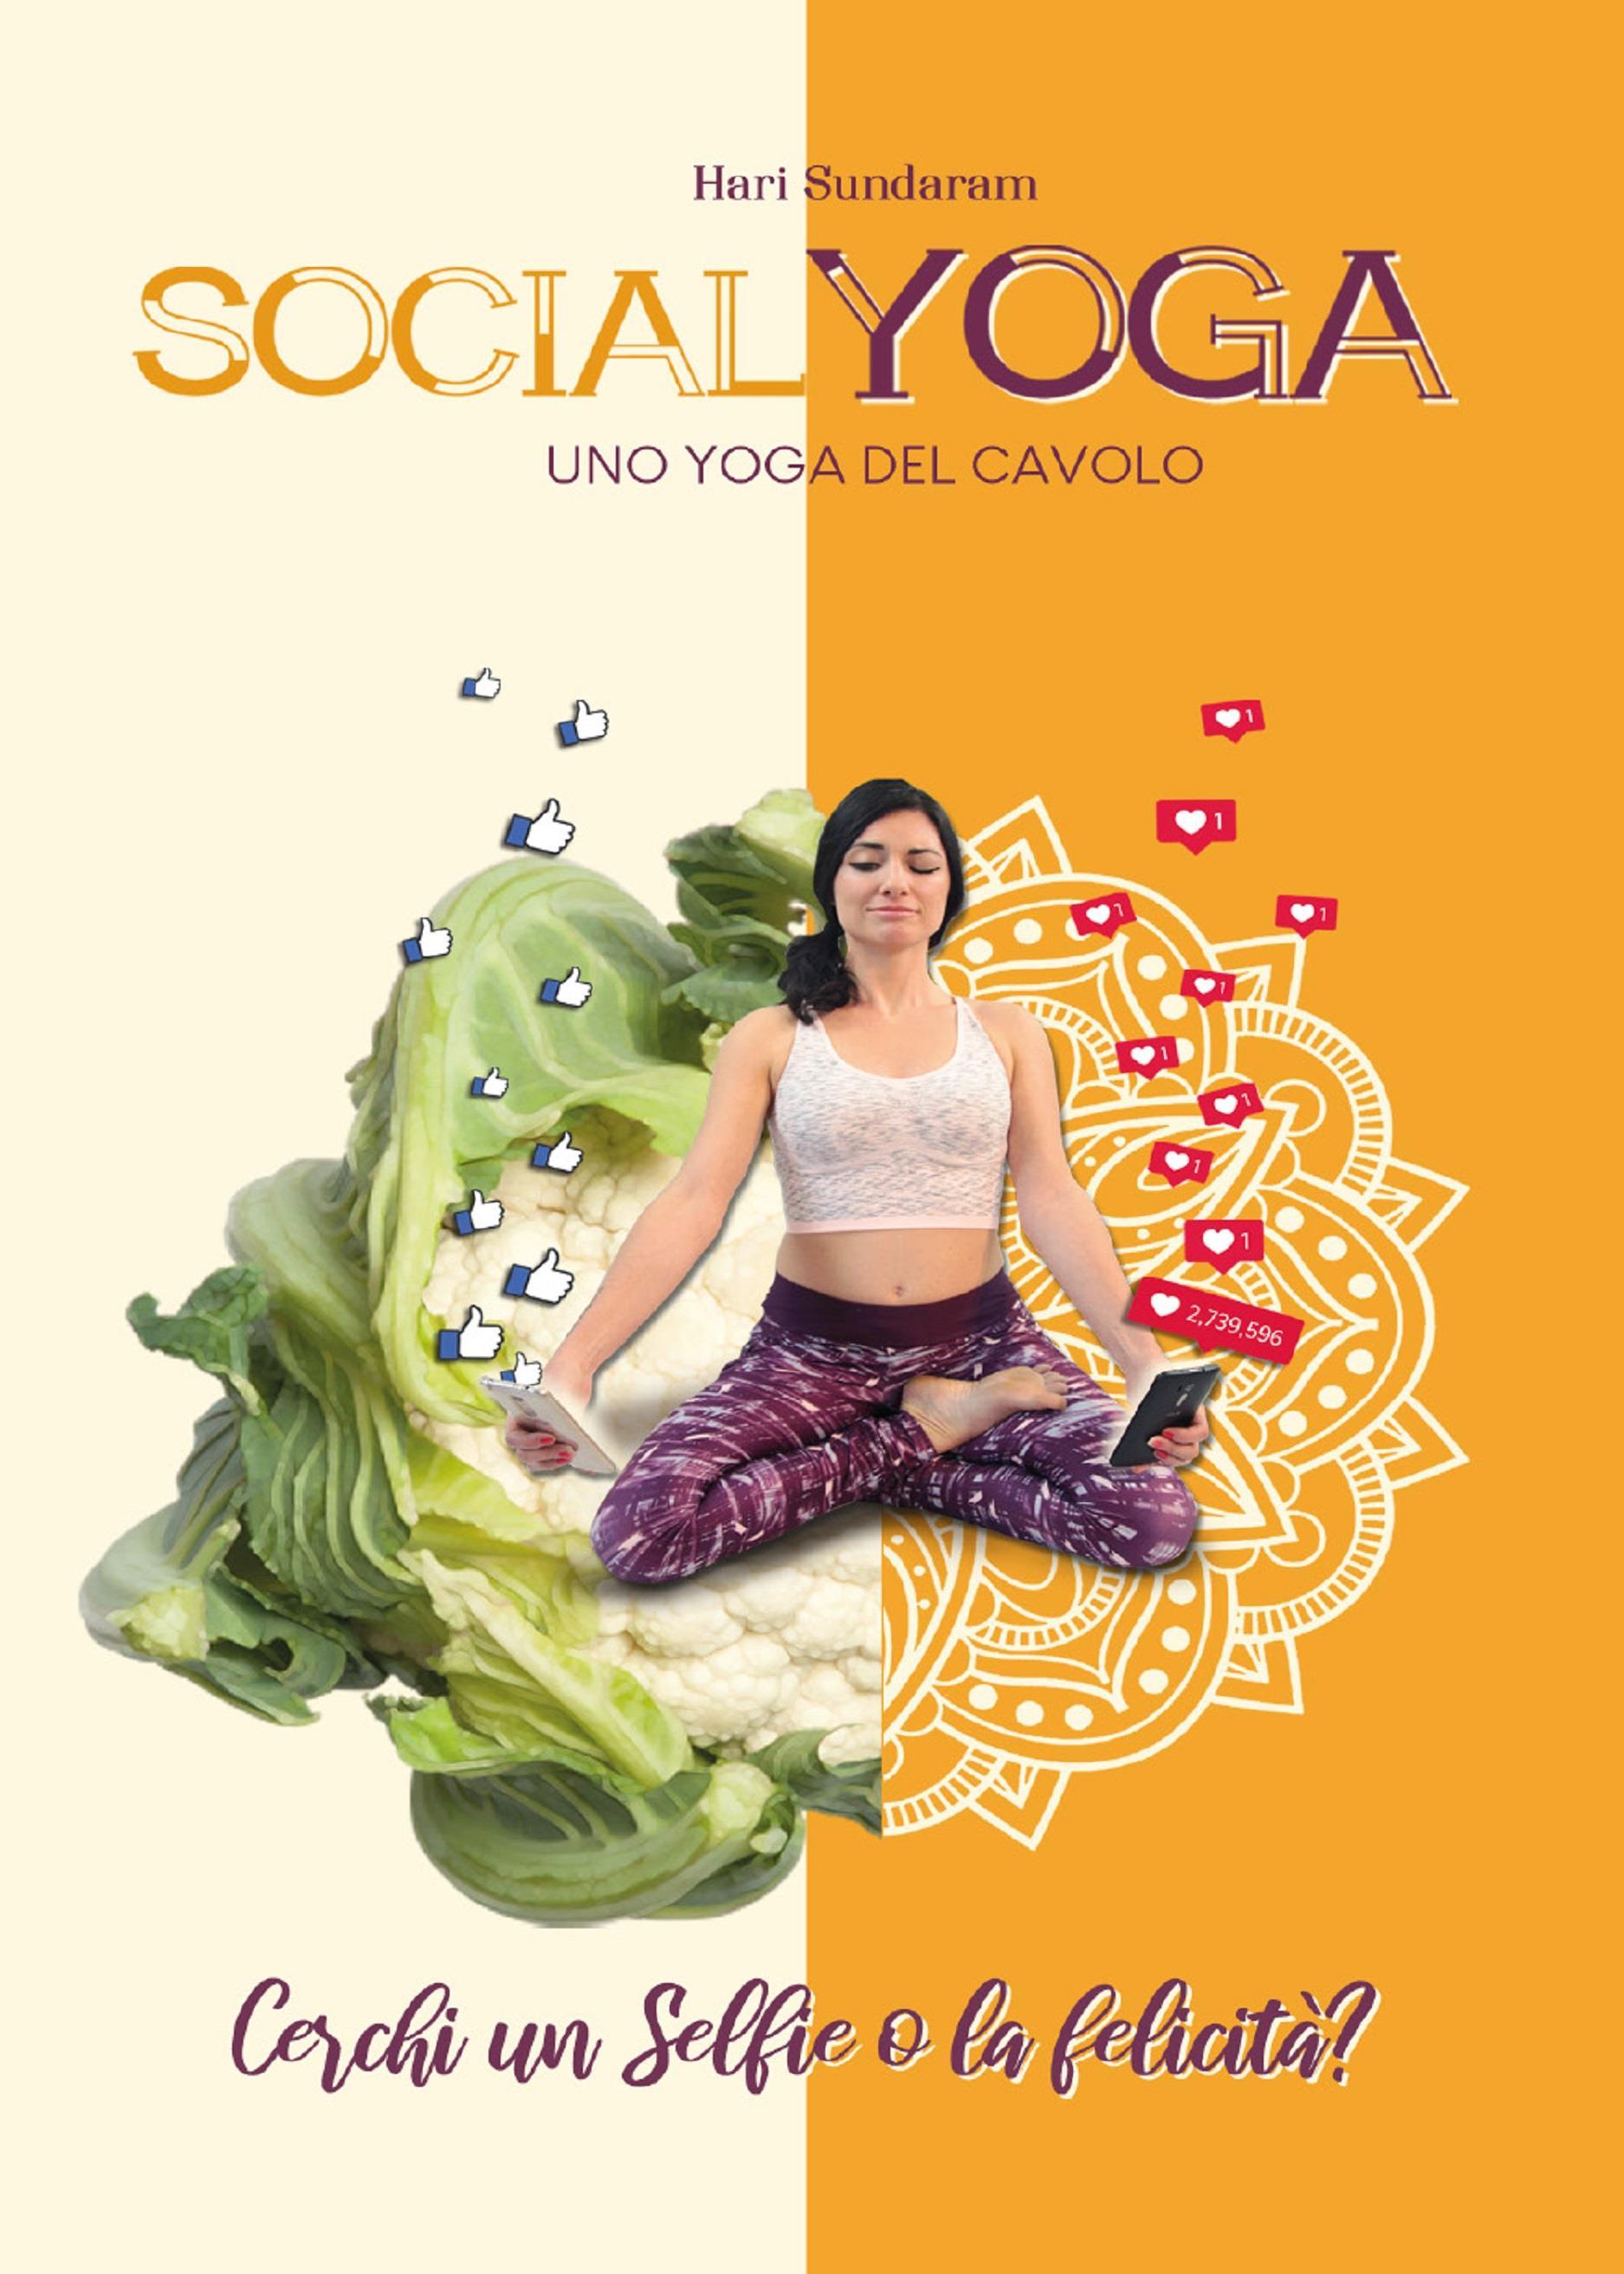 SocialYoga - uno Yoga del cavolo